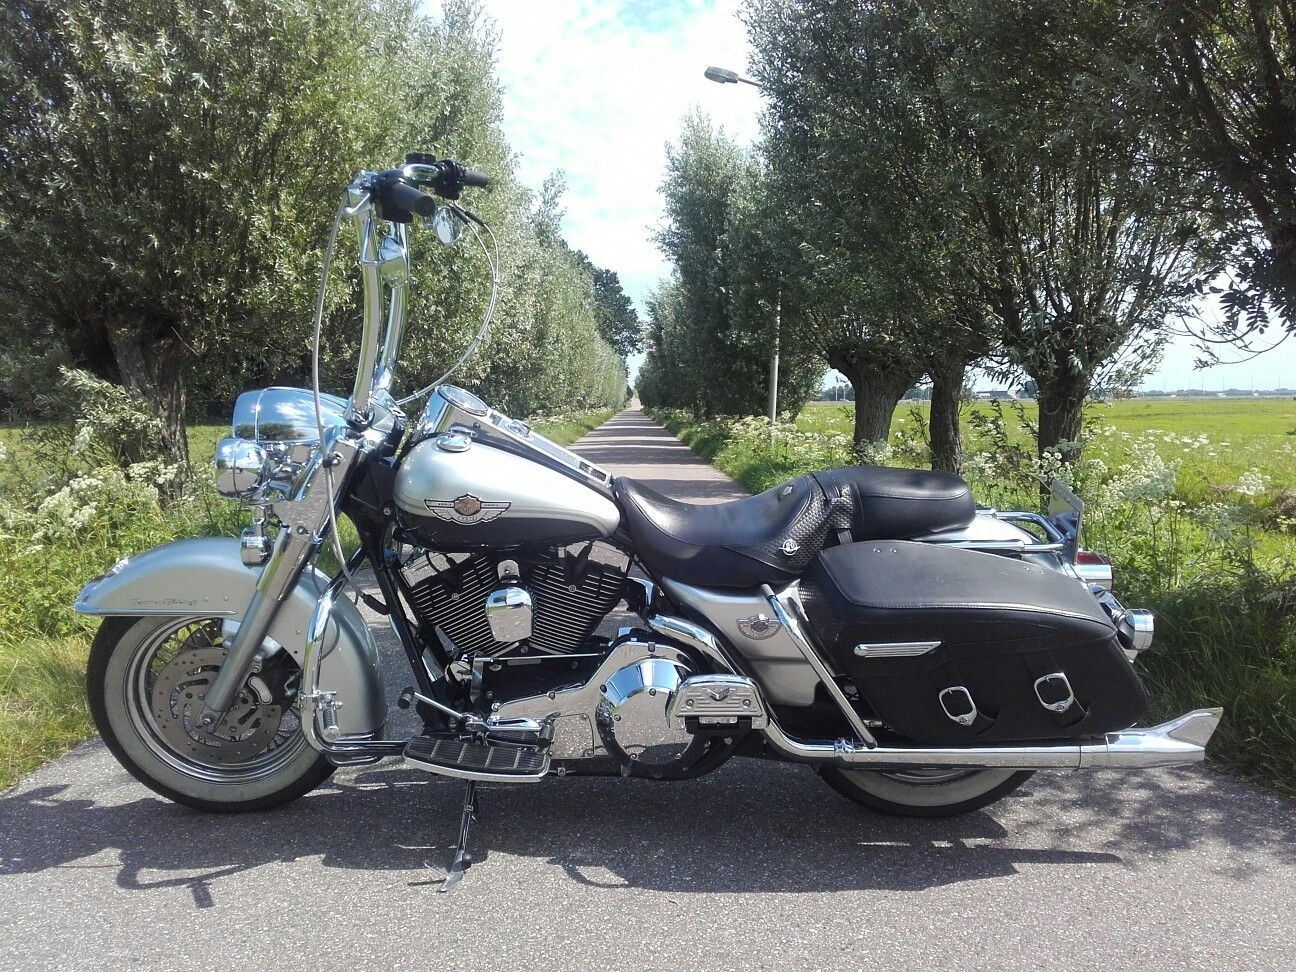 2003 Harley Davidson Road King Carlini Design Gangster Ape